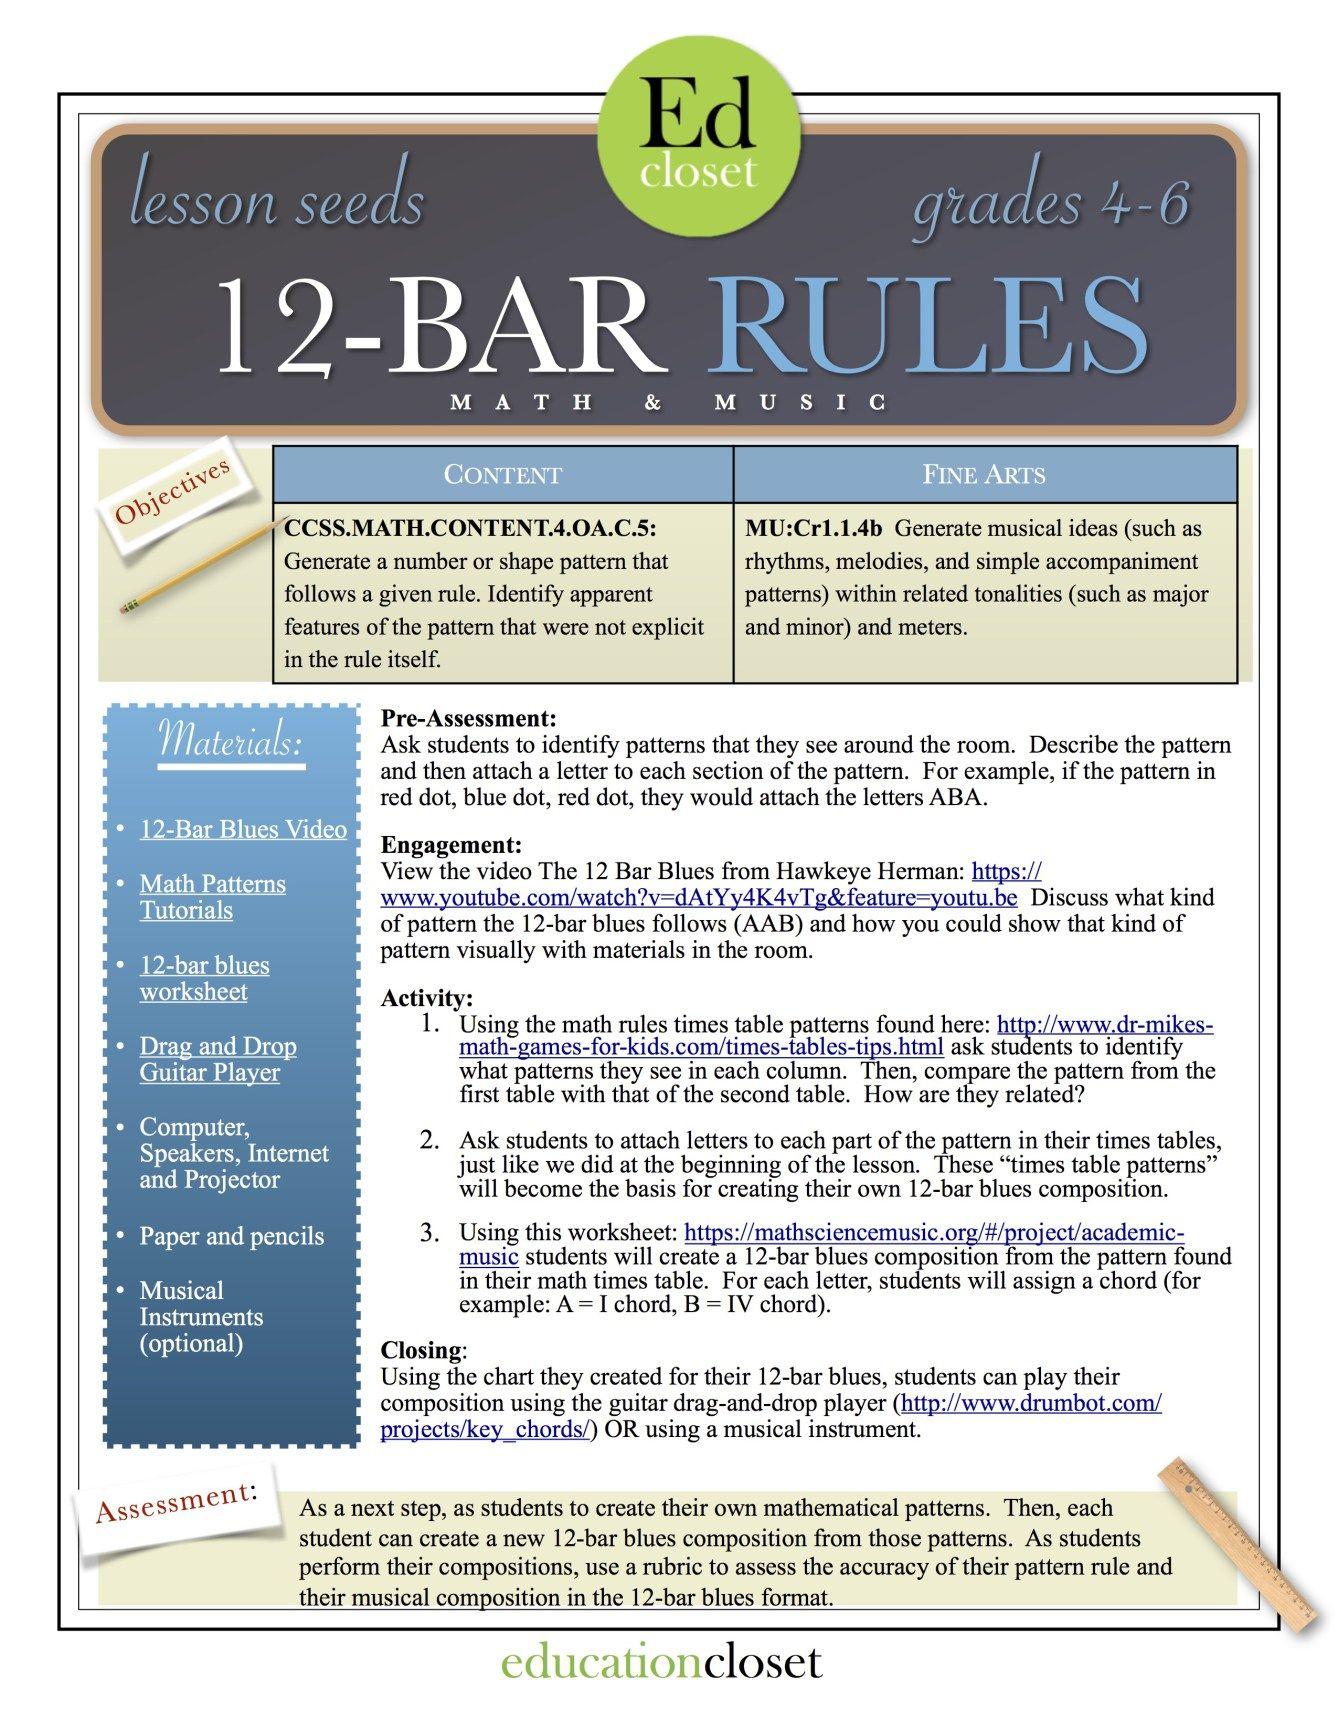 12 bar rules STEAM